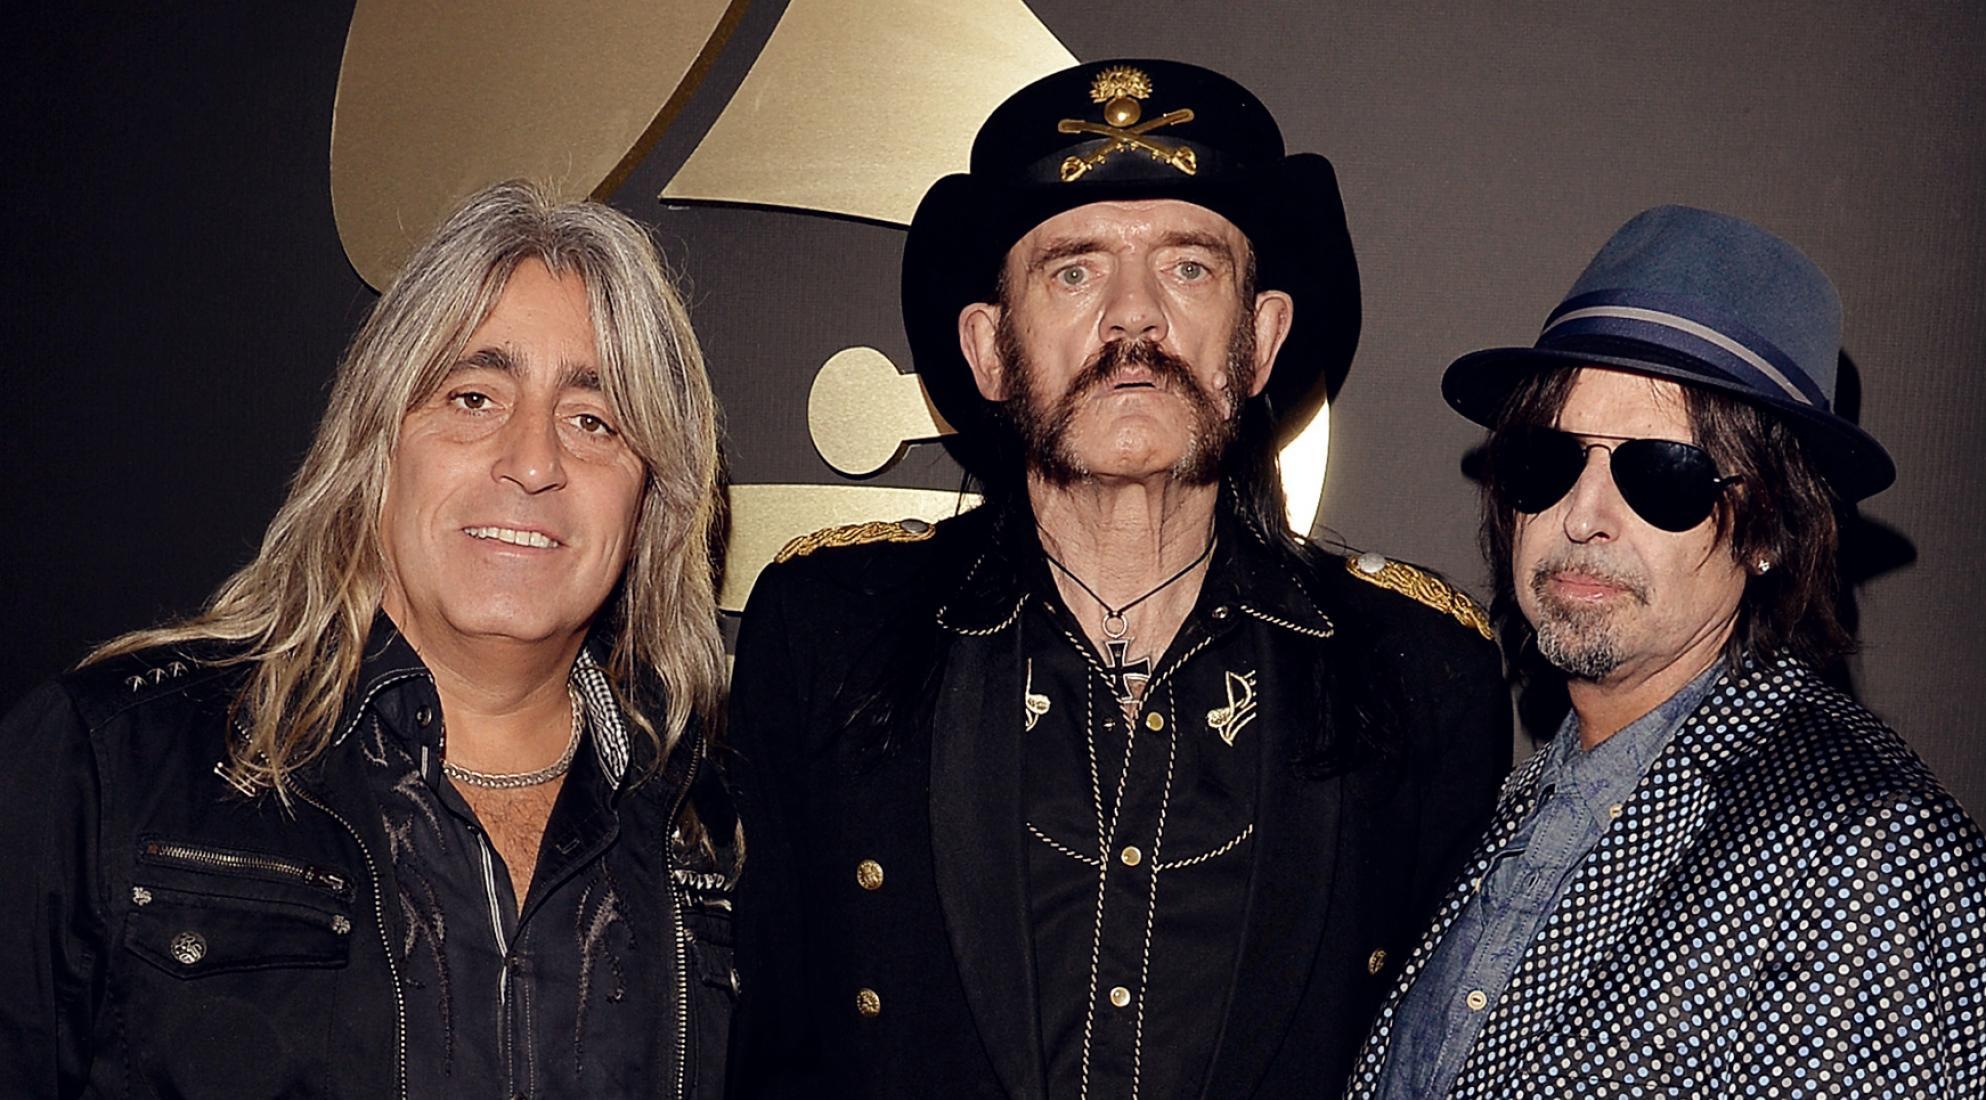 Salón de la Fama del Rock and Roll 2020: ya están los nominados - Radio Cantilo